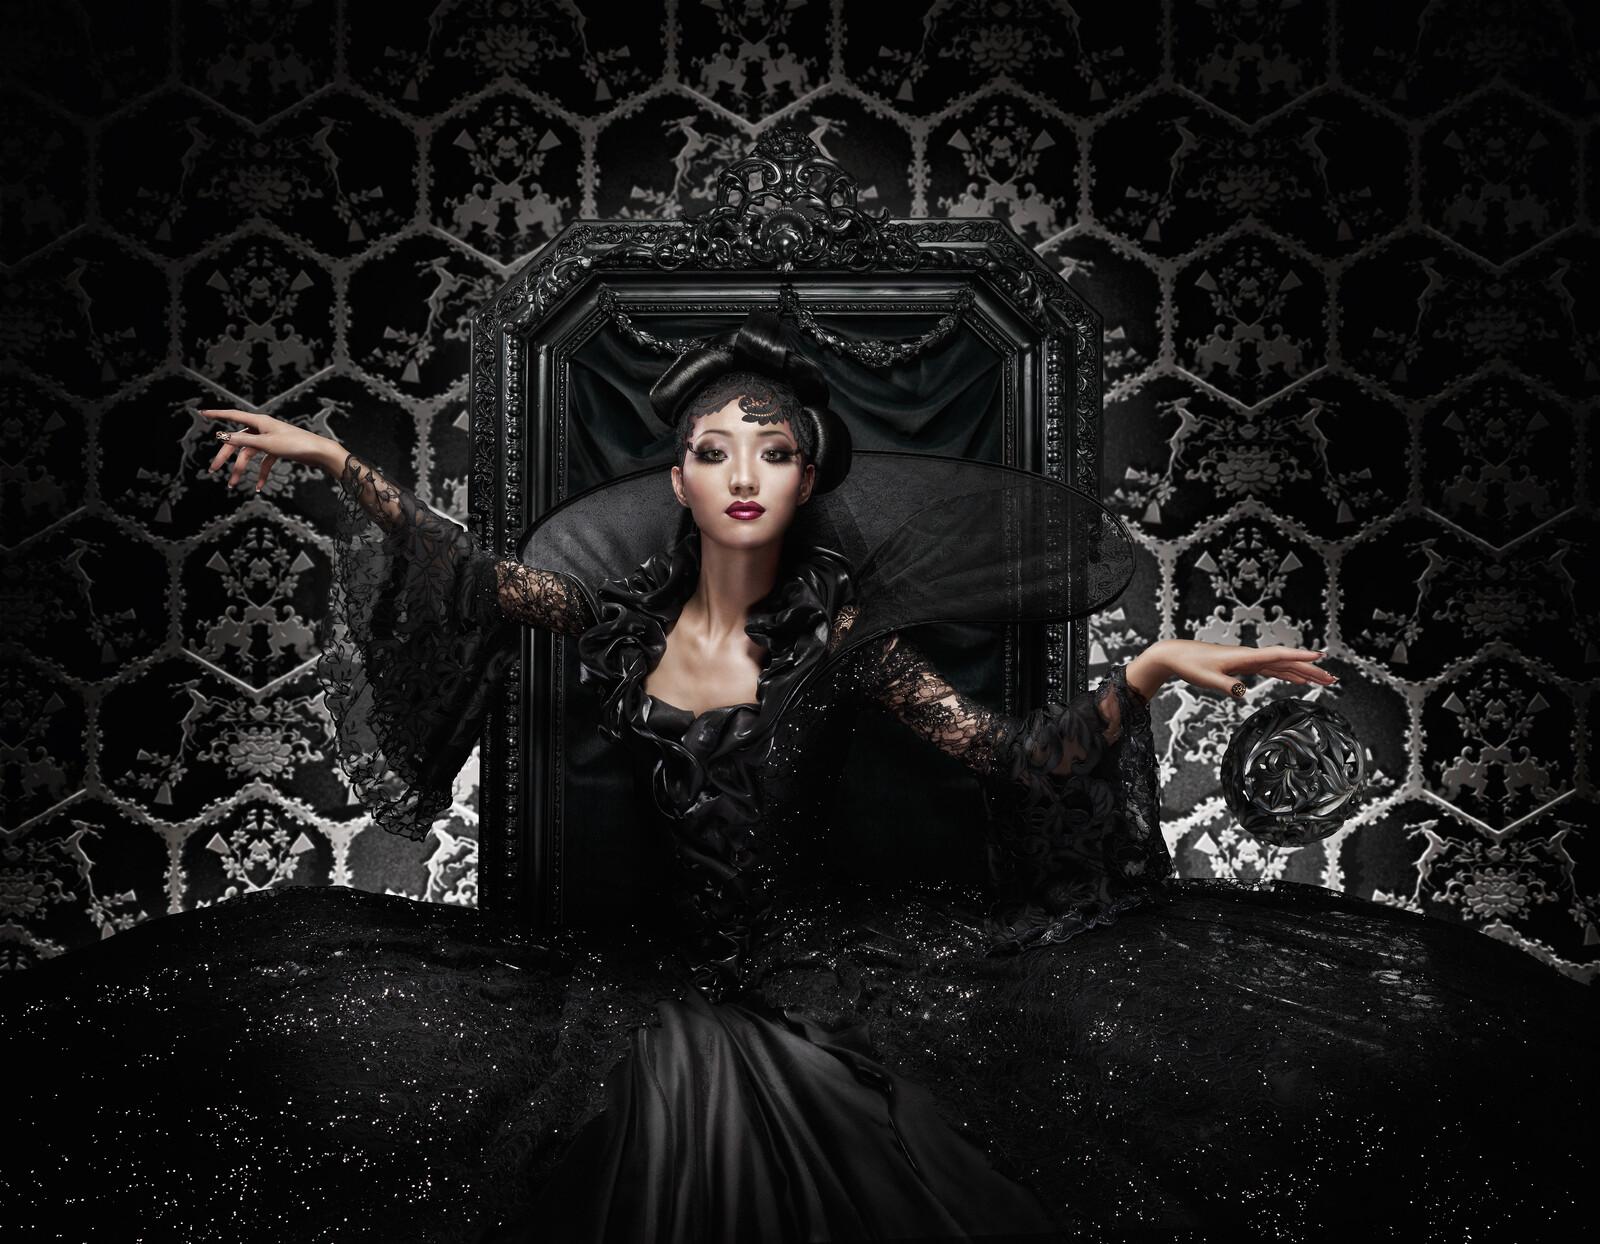 Black Queen - Marcel Wanders